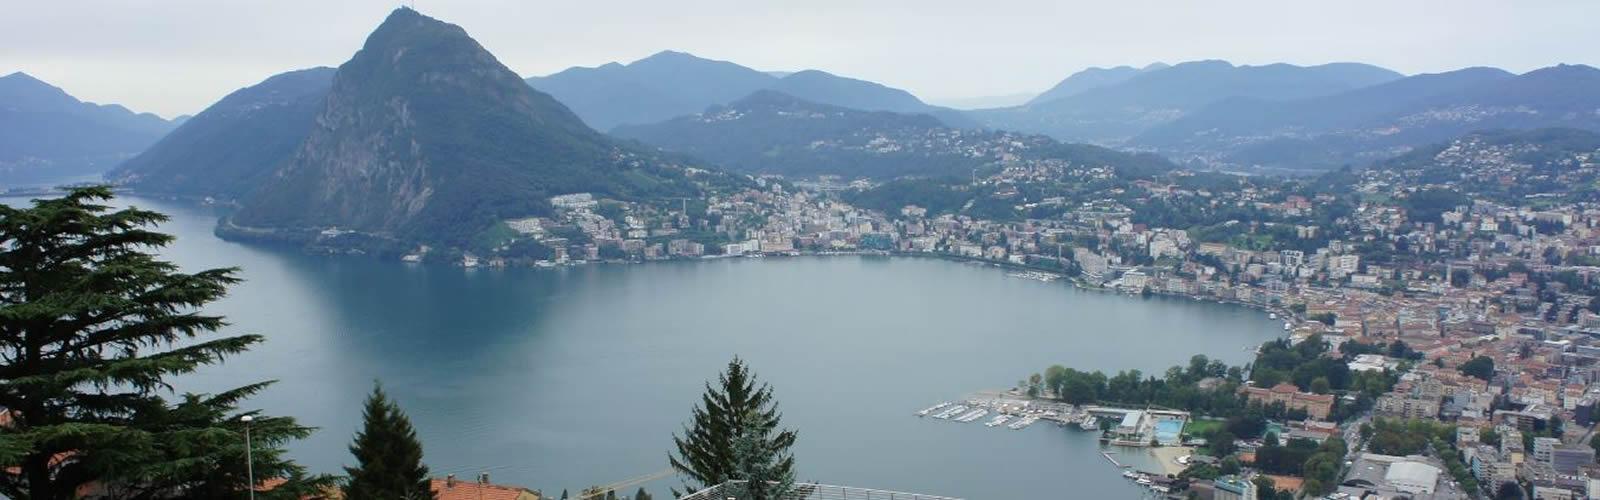 Delocalizzare Aziende in Svizzera con l'incubatore di Paradiso (Lugano Sud)